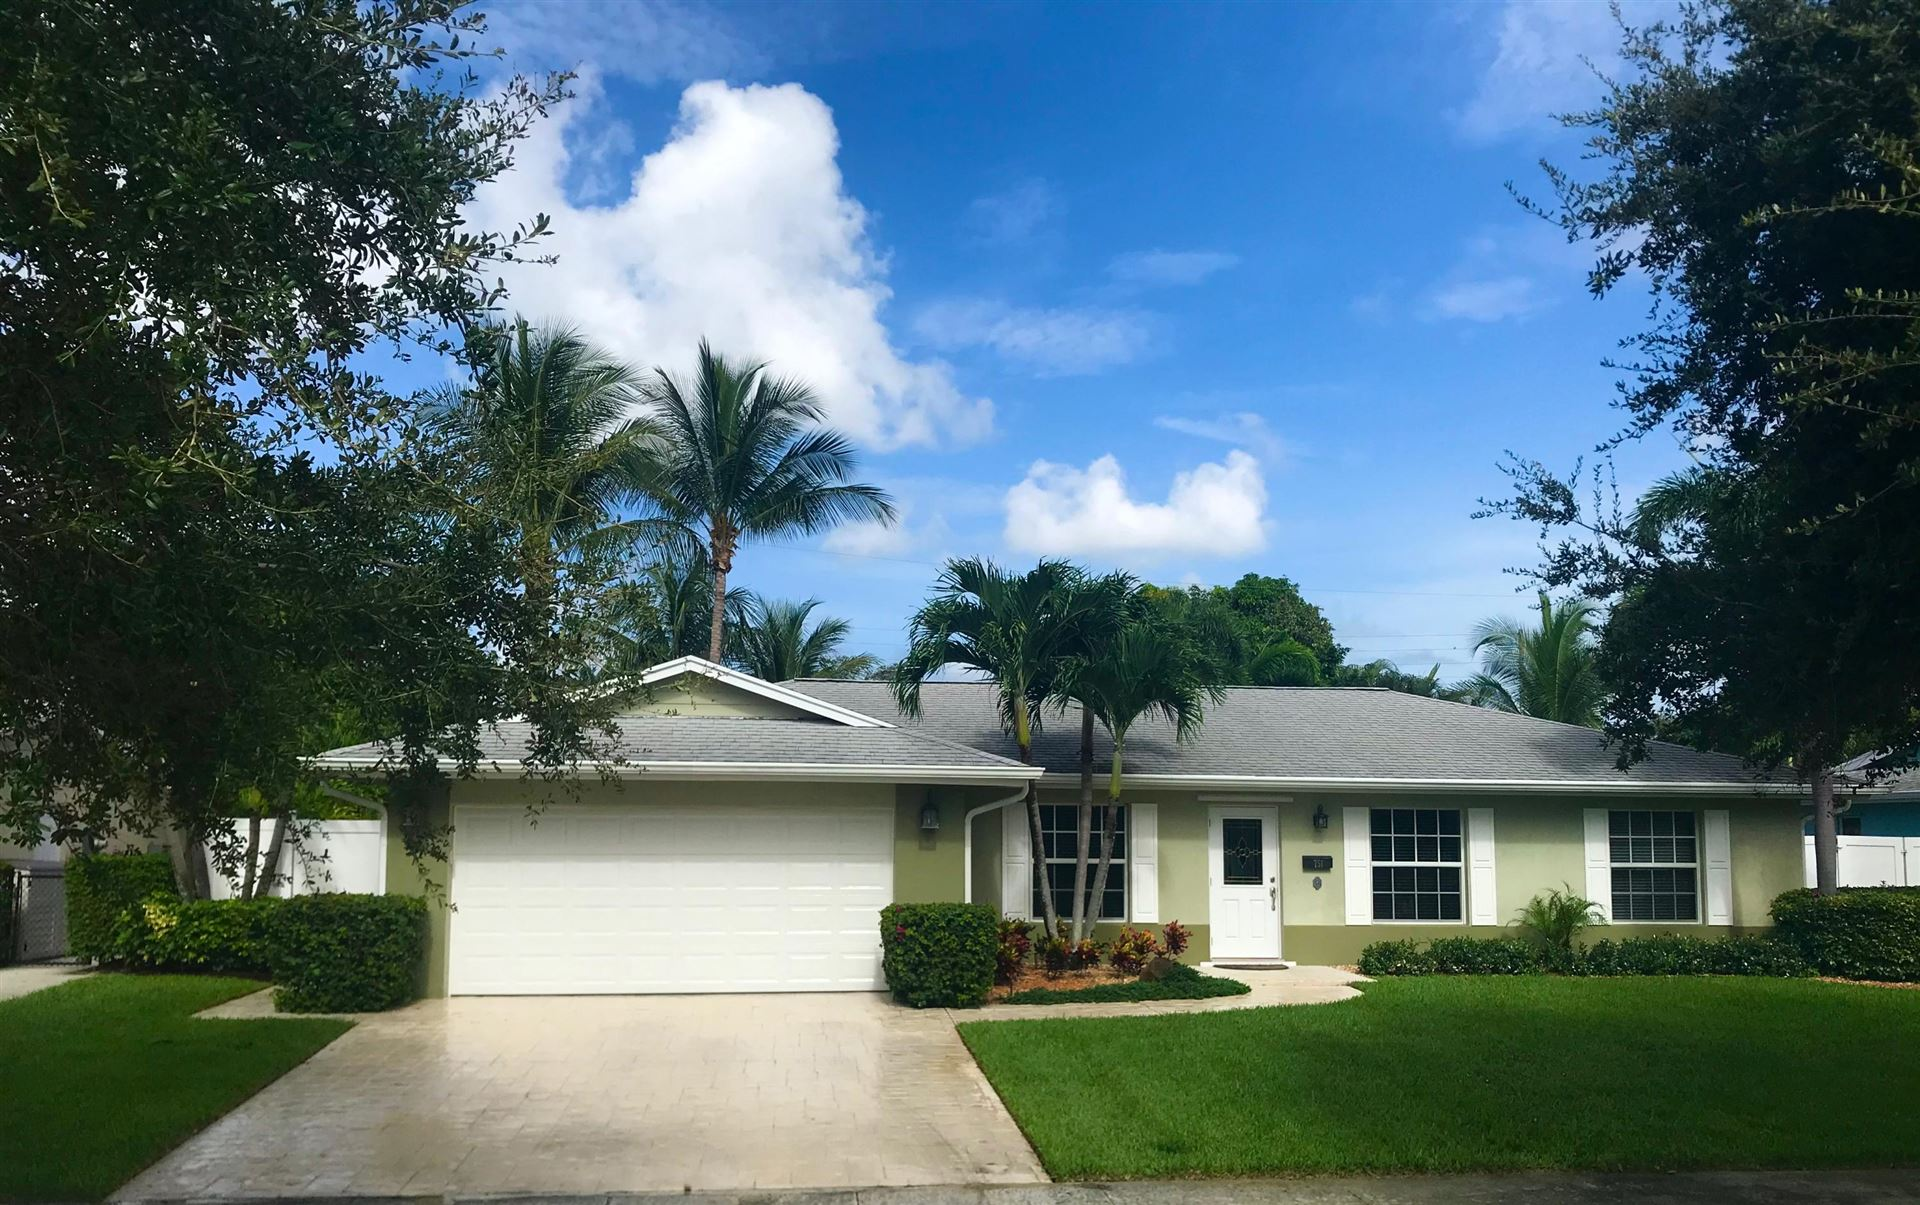 Photo of 751 Tradewind Drive, North Palm Beach, FL 33408 (MLS # RX-10656544)